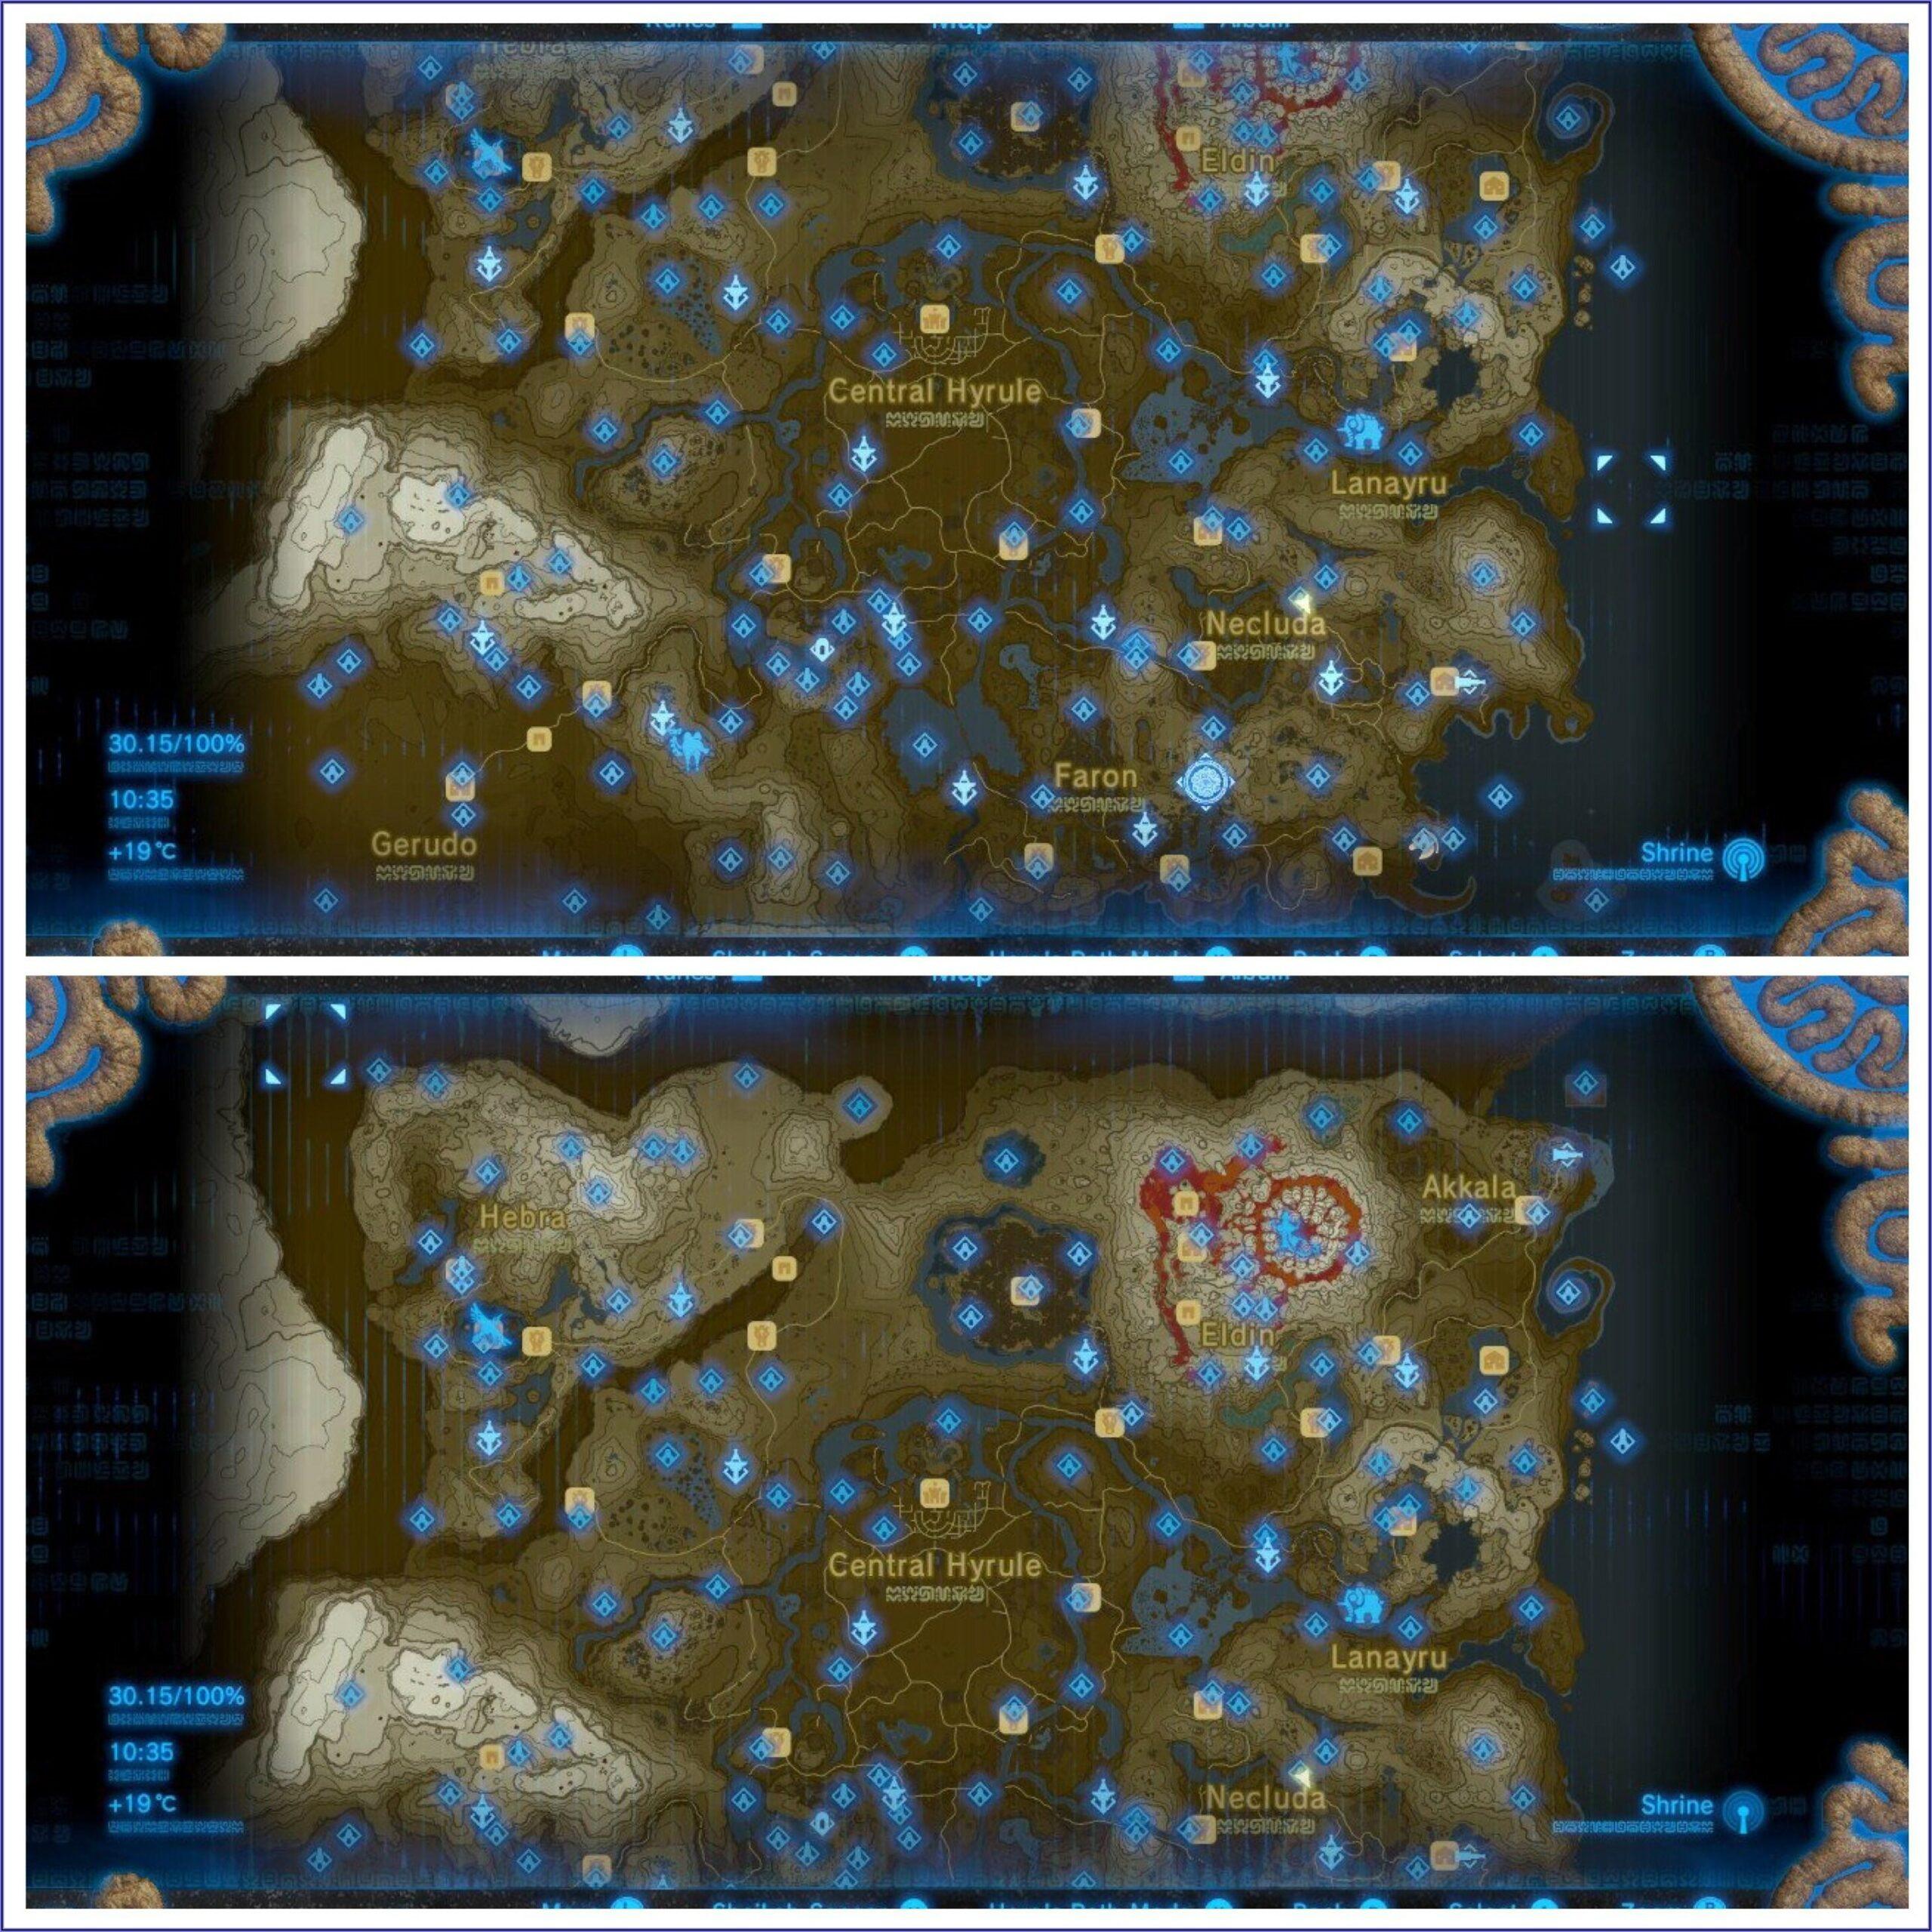 Zelda Botw Shrine Map App